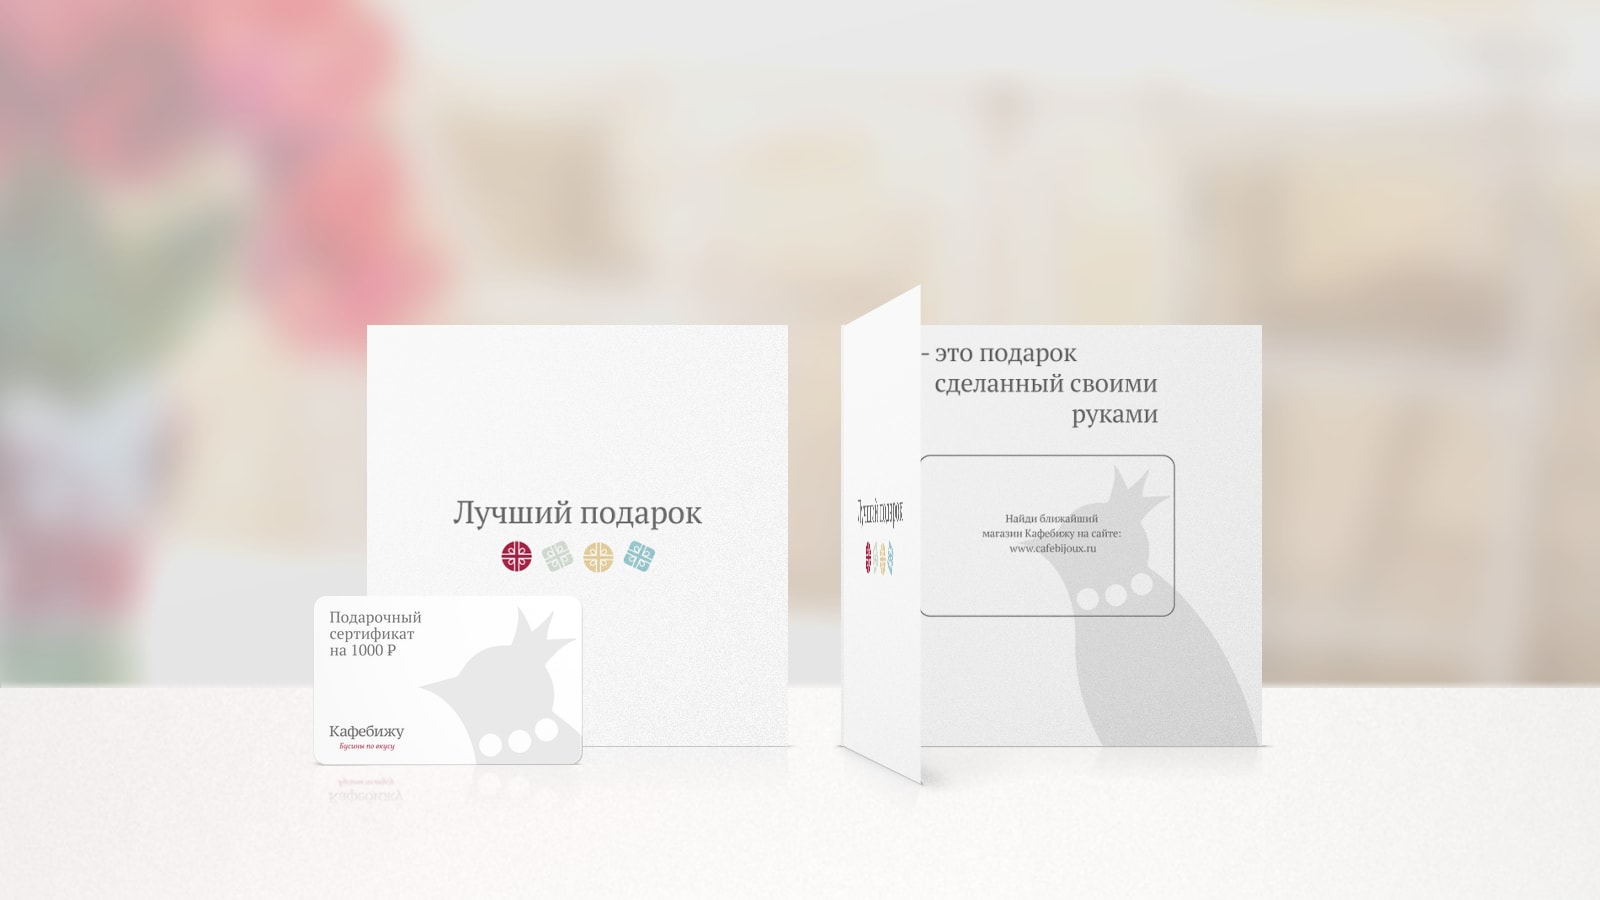 Подарочный сертификат сети магазинов бусин и фурнитуры Кафебижу. Разработано Релкамным Агенствм Индэво – indevo.ru